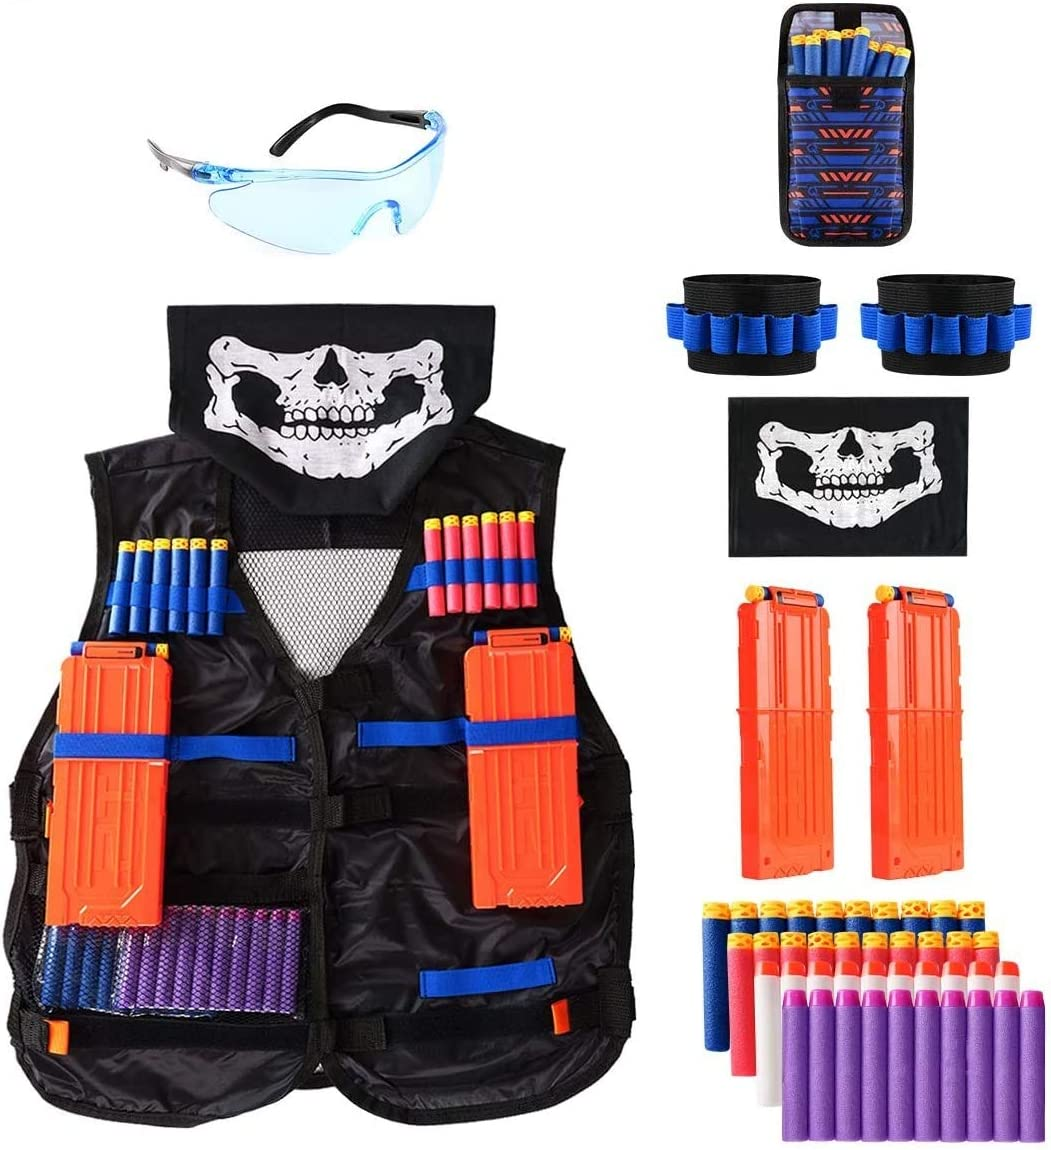 Locisne Kids Jungle Camouflage Tactical Vest Jacket Kit para Nerf Toy Gun N-Strike Elite Series(con 40 Dardos de Espuma+Gafas+máscara+2 Clip Recarga rápida+2 Pulsera de 8 Dardos+Bolsa Dardos)